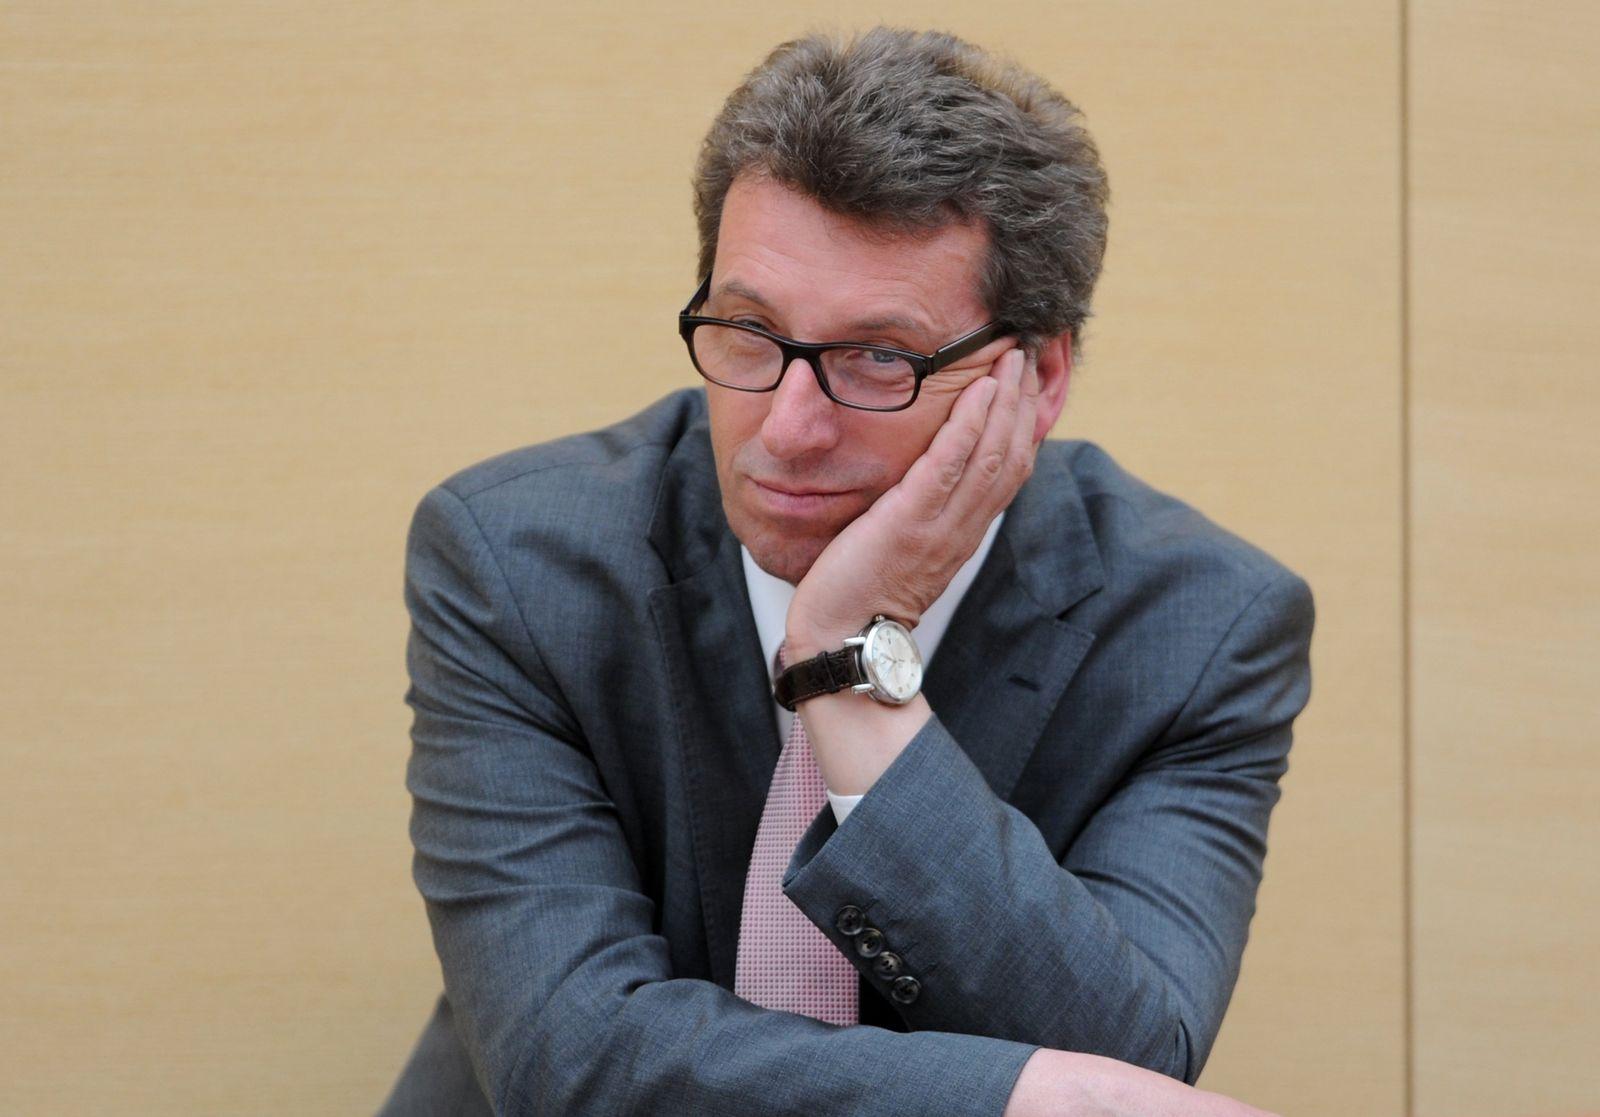 Anklage gegen Ex-CSU-Fraktionschef Schmid